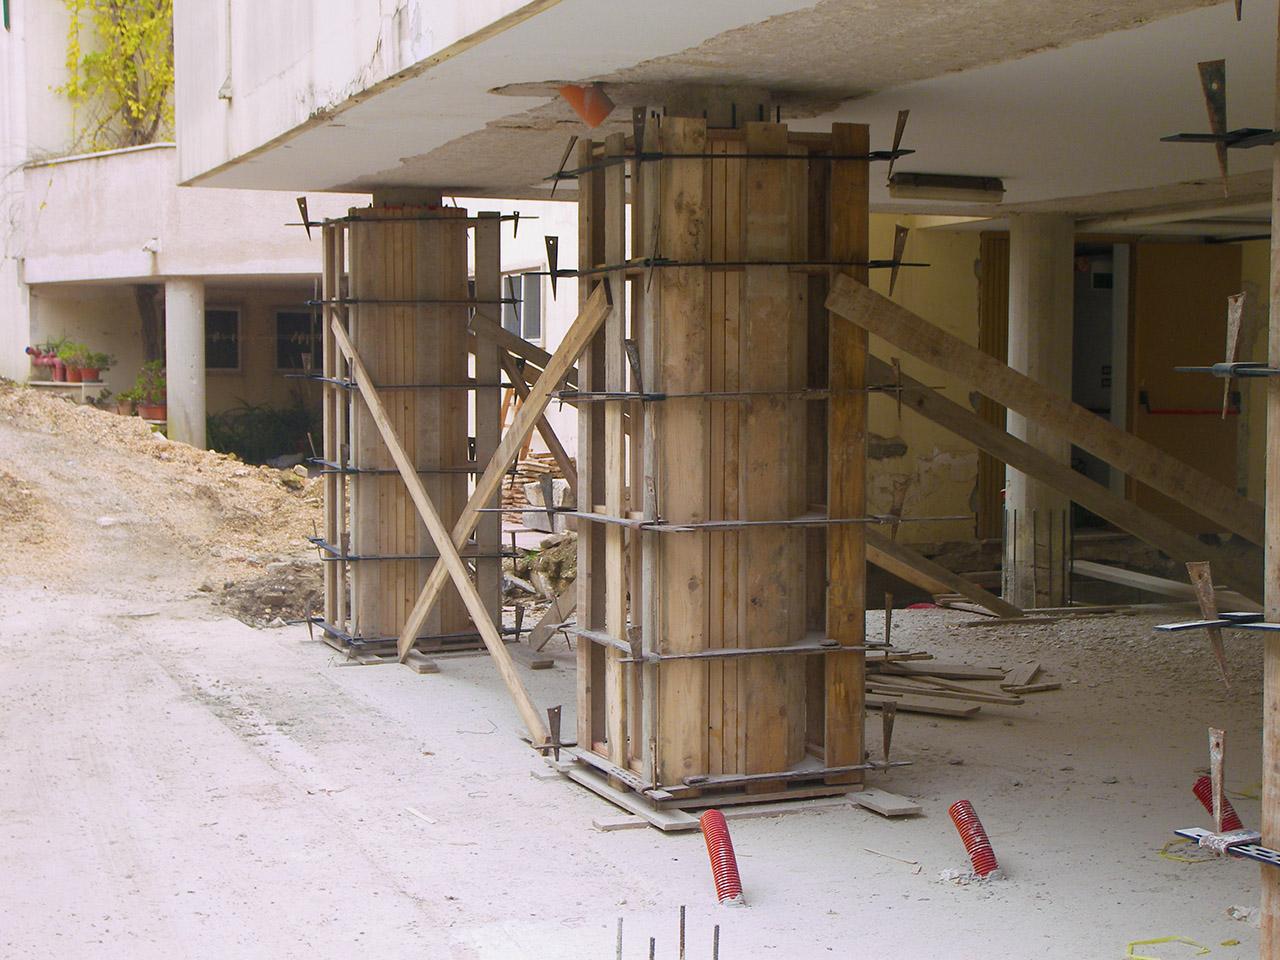 costruzioni restauri sirio ostuni consolidamento strutturale fondazioni suglia passeri rutigliano 100 3889 1